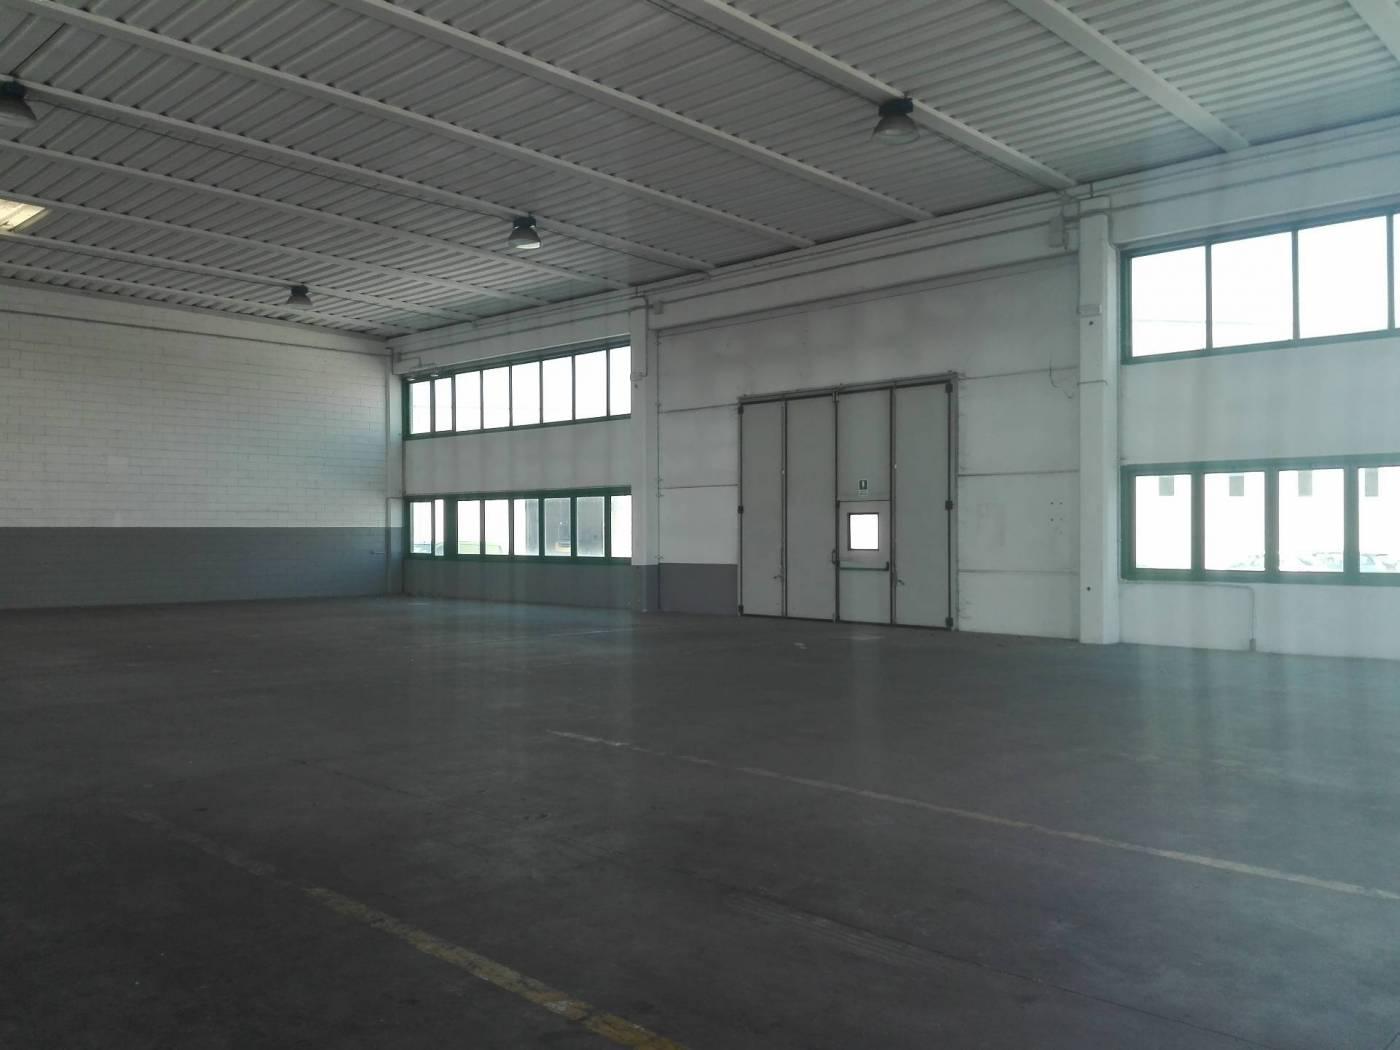 Capannone in vendita a Paese, 9999 locali, zona Zona: Padernello, prezzo € 410.000 | CambioCasa.it